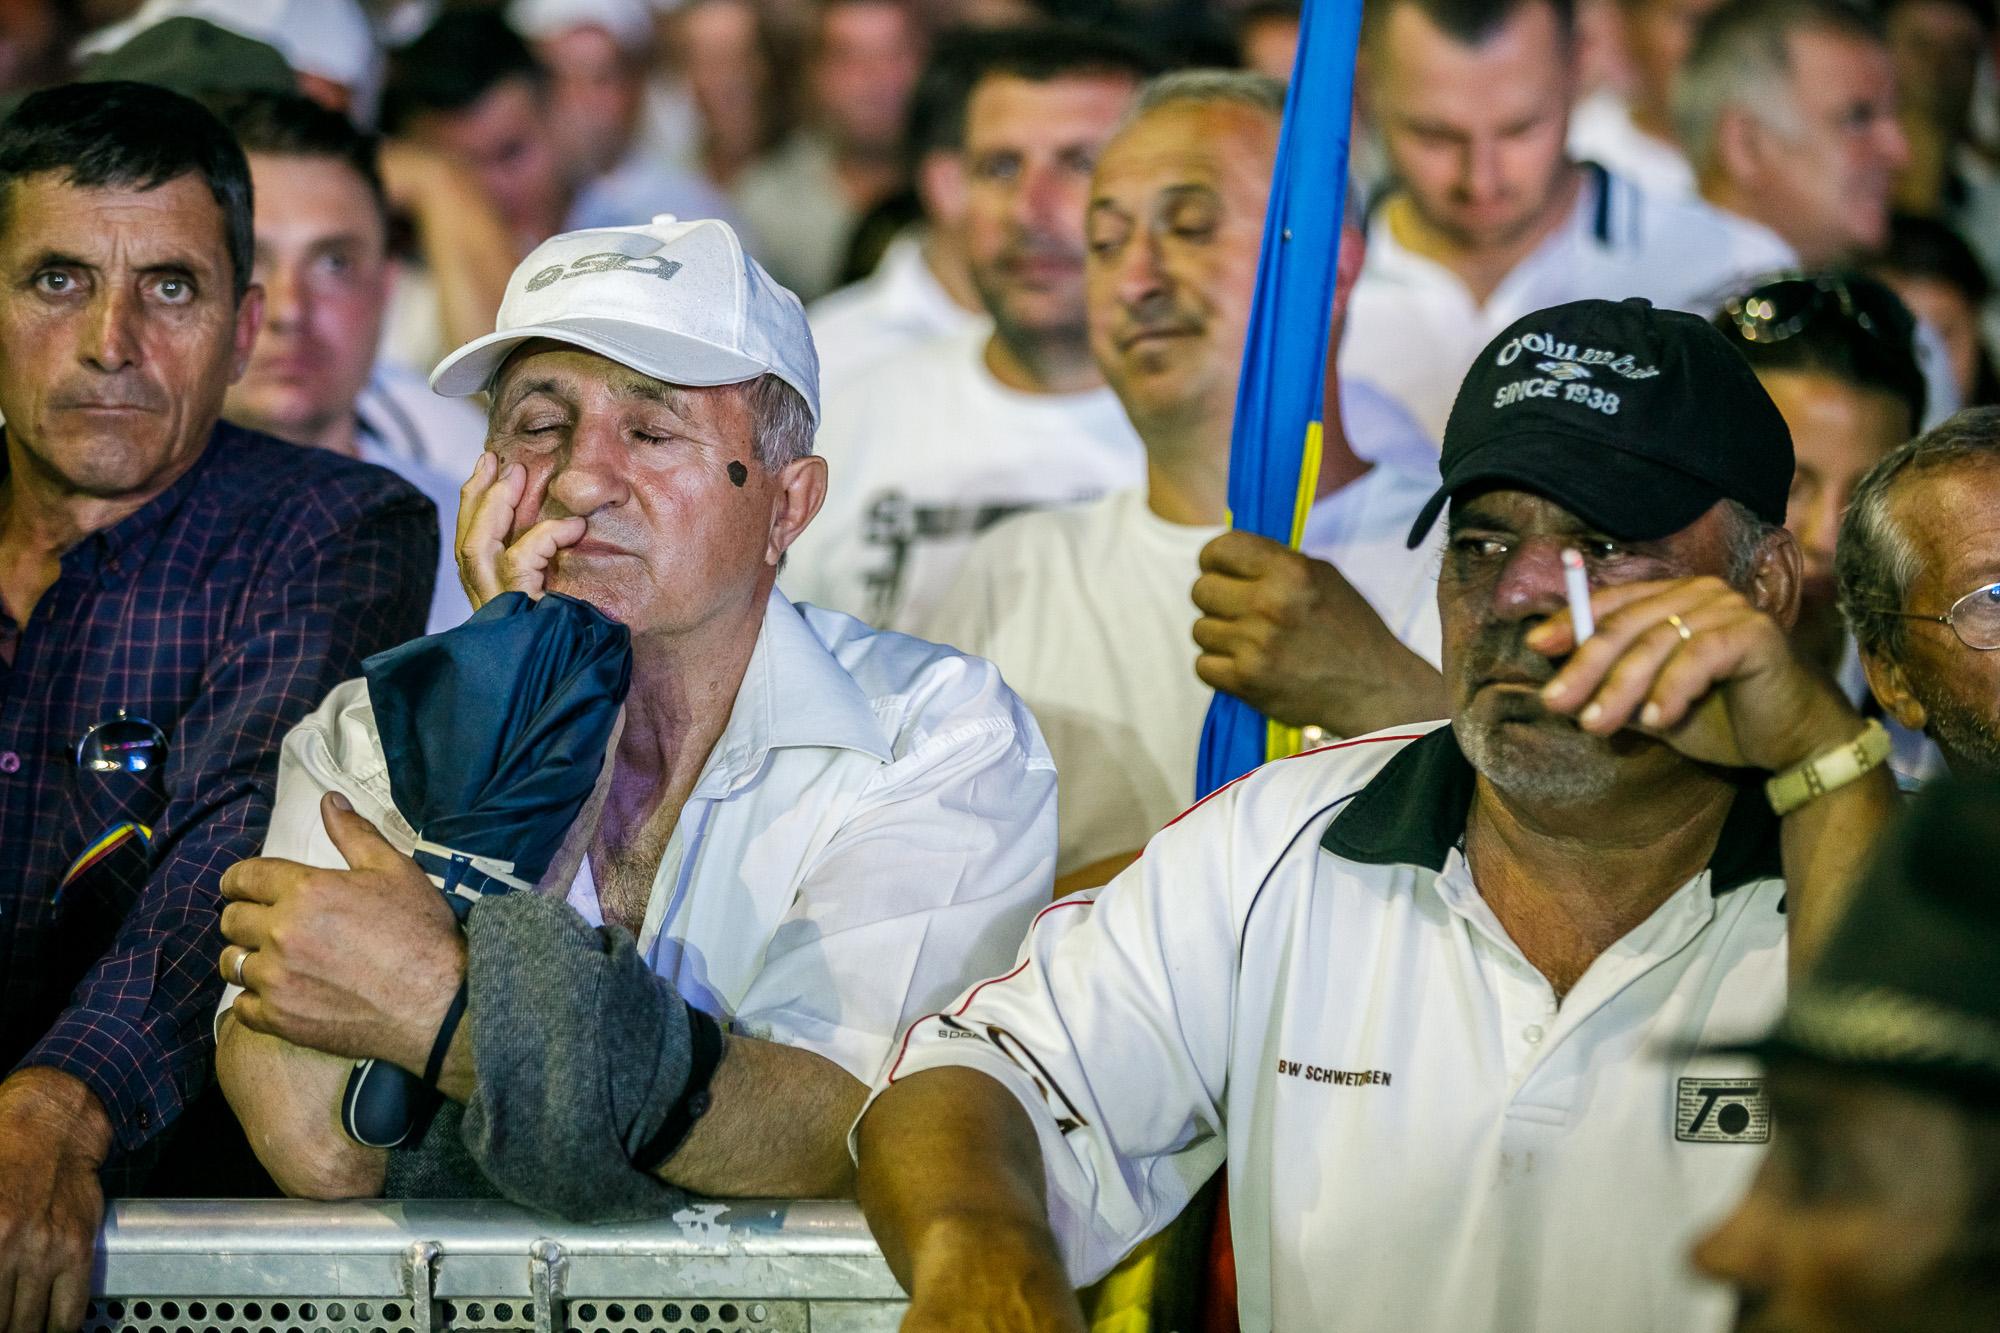 Dragnea - Cine va pierde de pe urma mitingului PSD-ALDE - Pagina 2 1528636483496-miting-psd-9-iunie-165